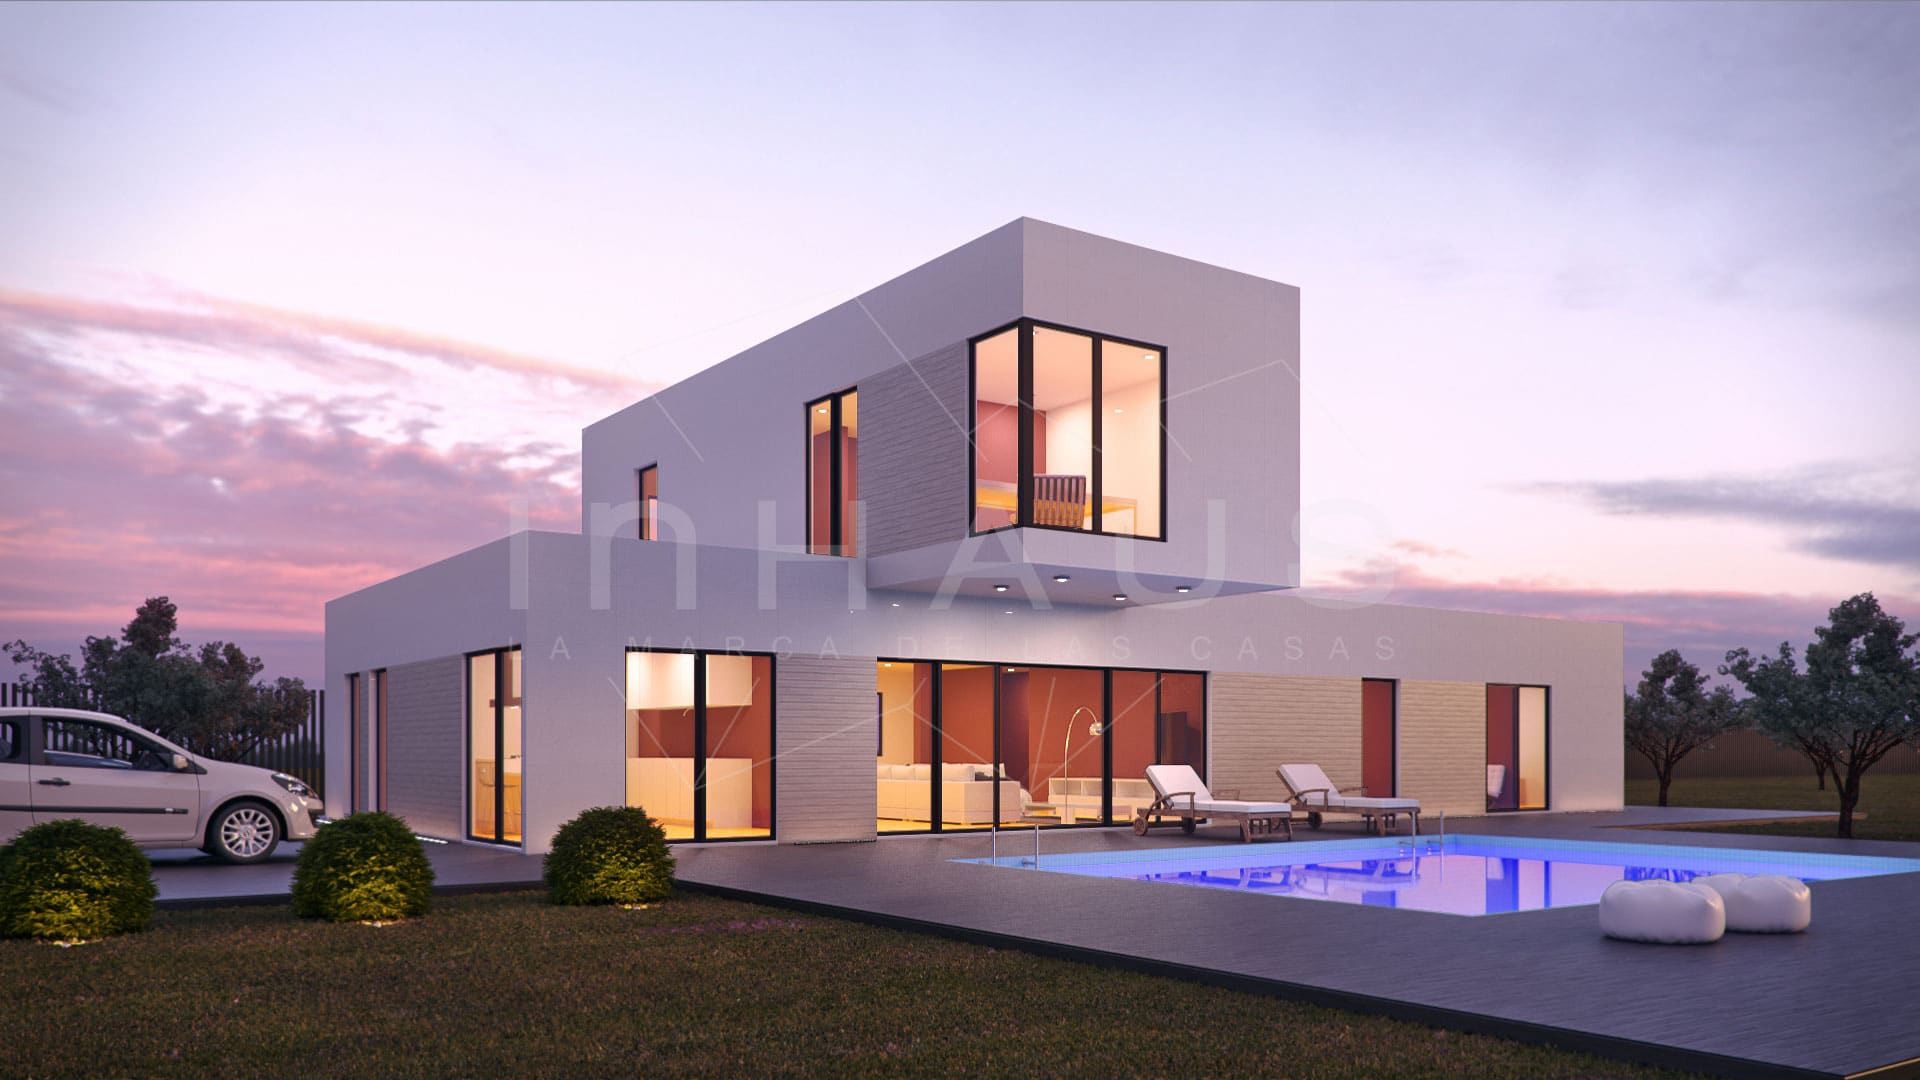 Casas prefabricadas ya c mo construir una casa en 60 - Casas inhaus opiniones ...